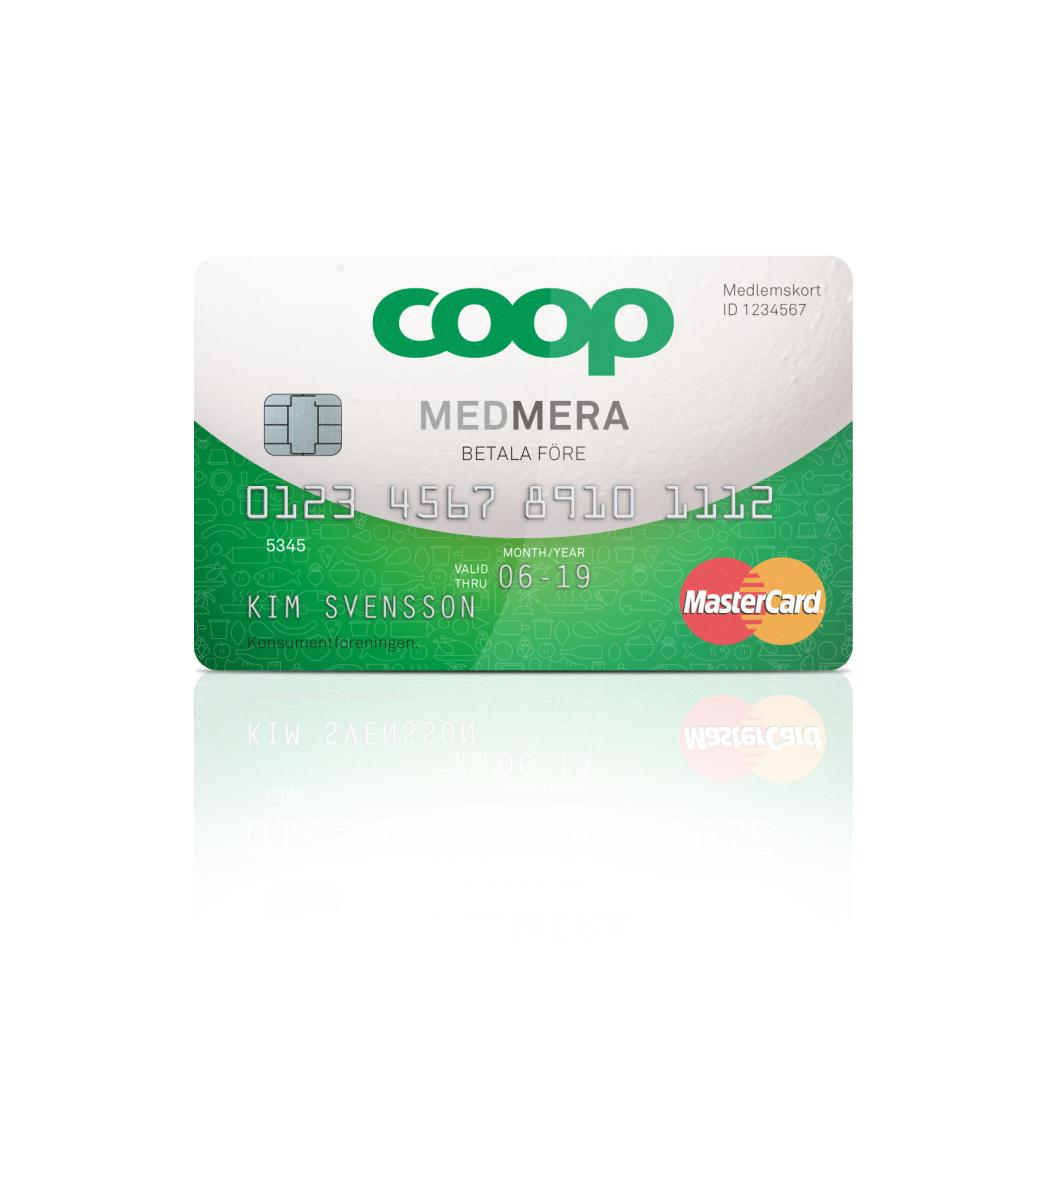 Coop MedMera - BETALA FÖRE